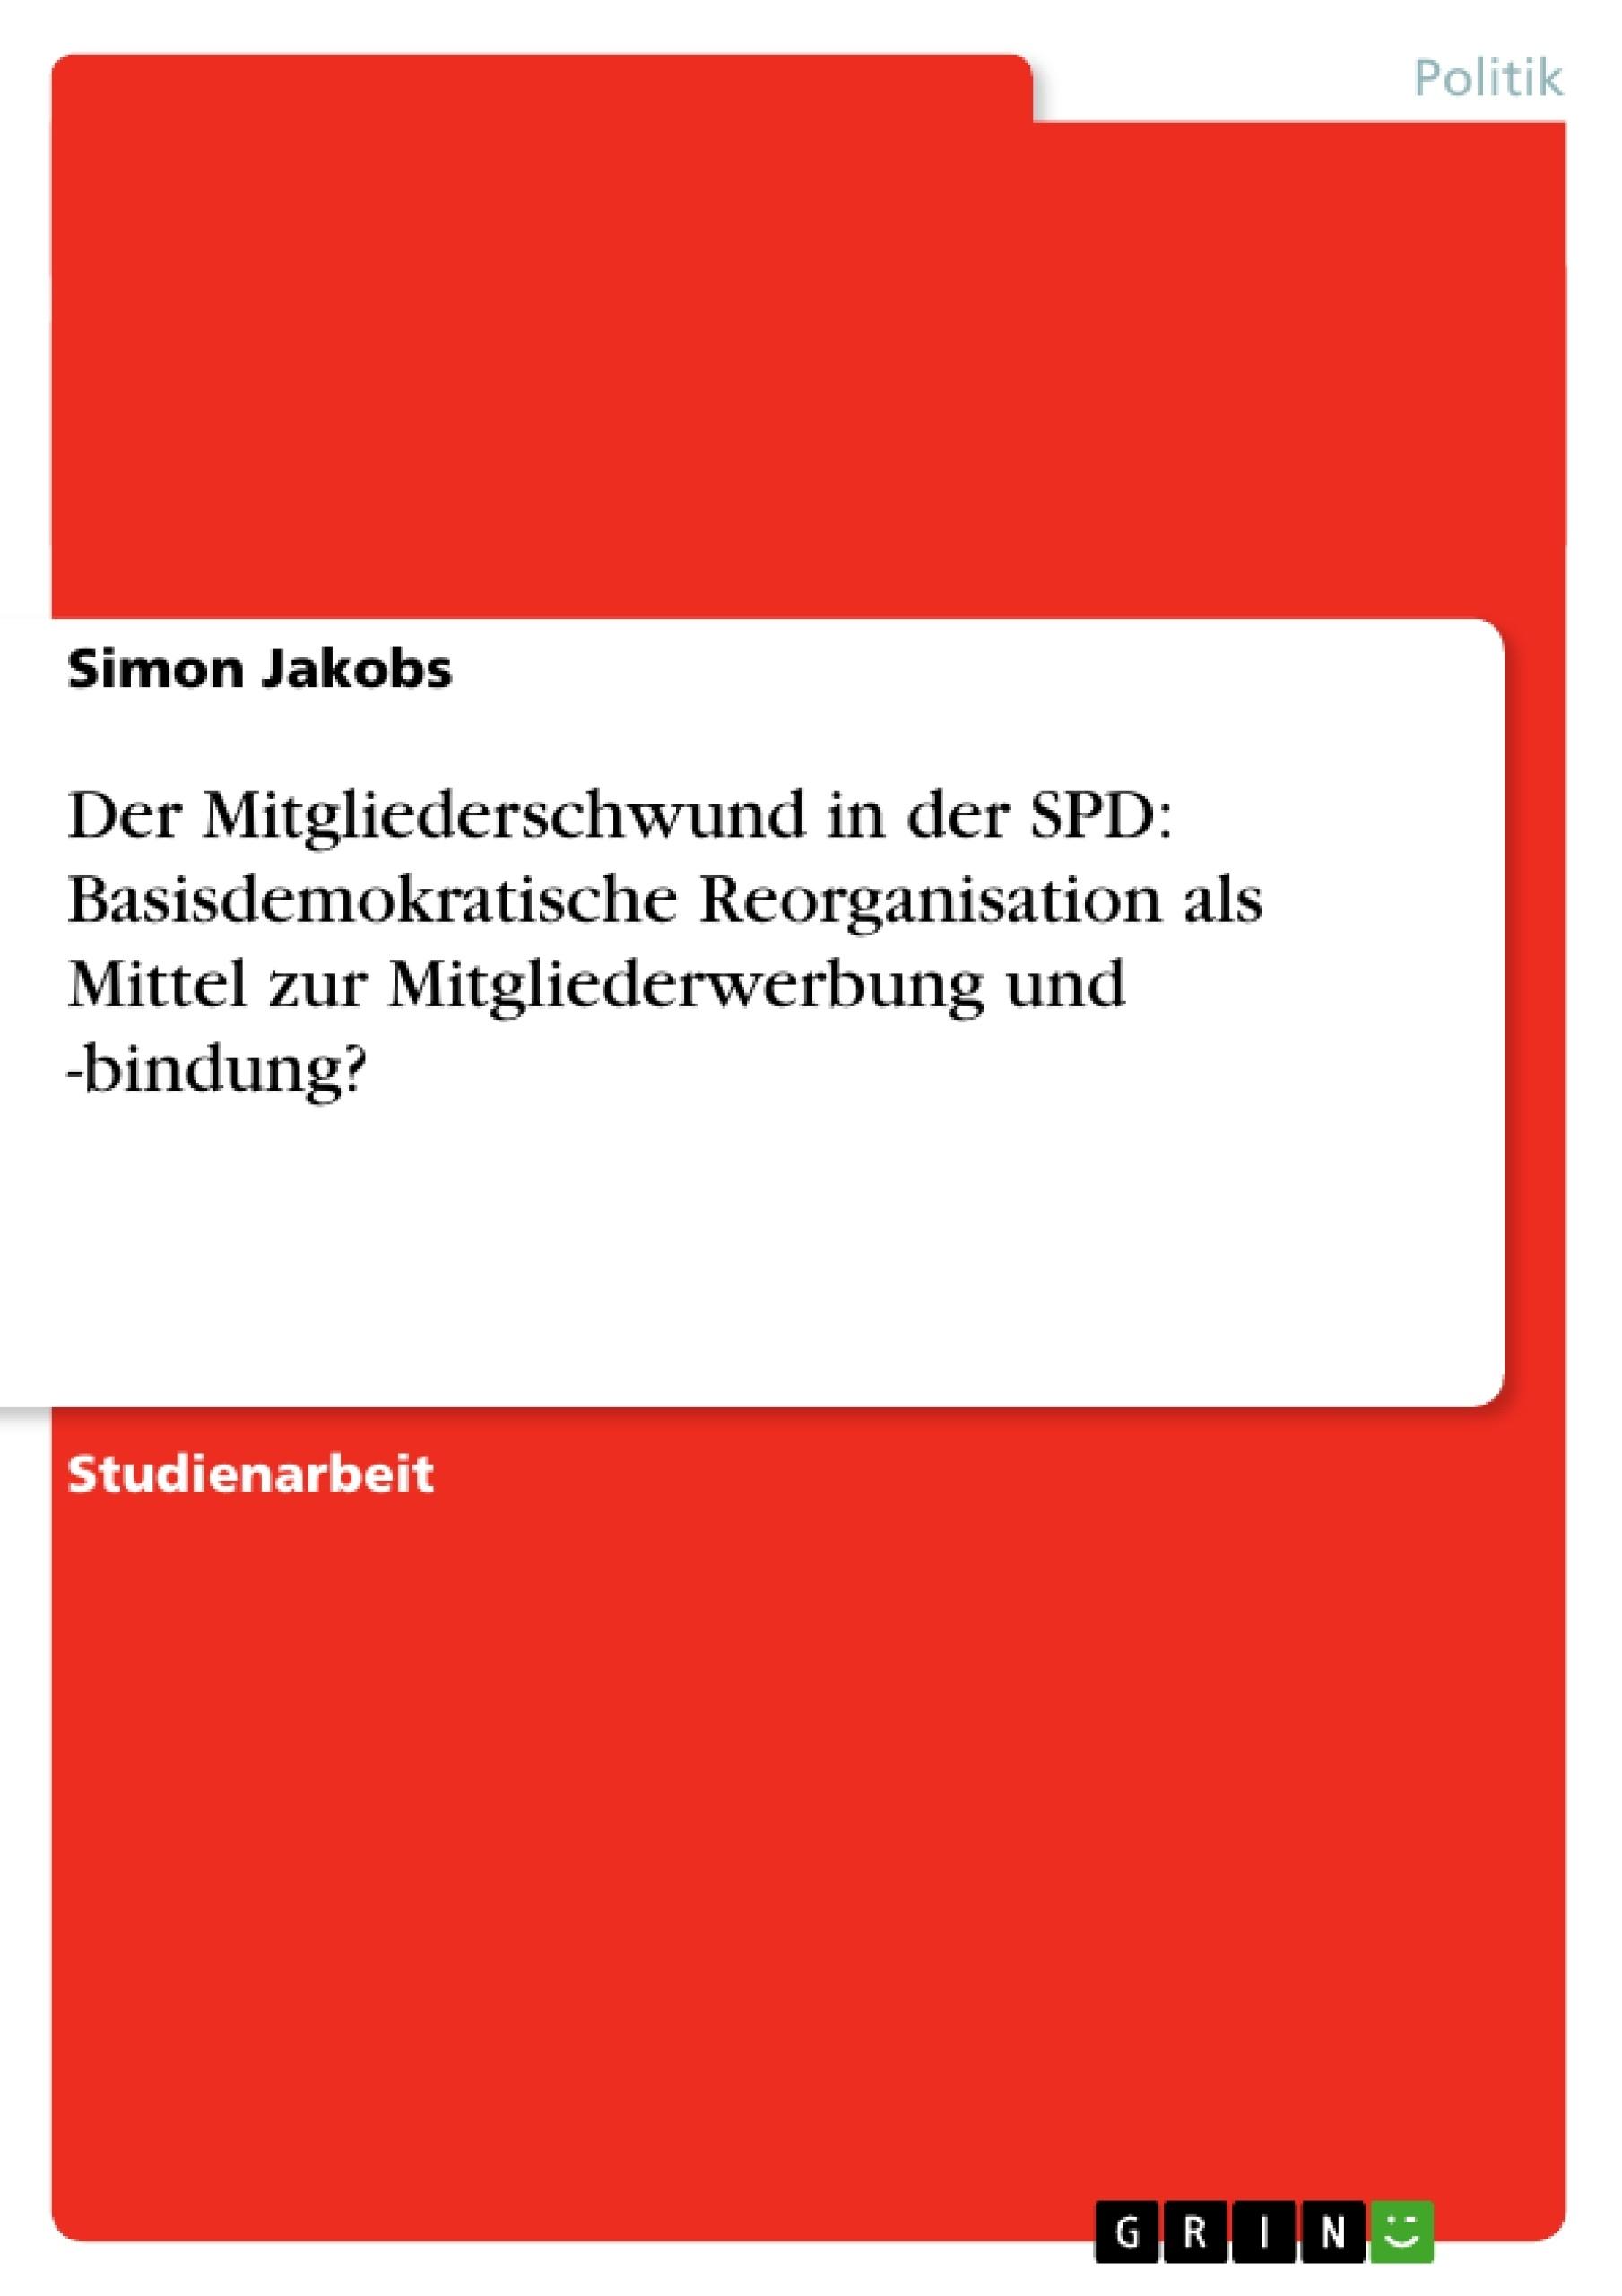 Titel: Der Mitgliederschwund in der SPD: Basisdemokratische Reorganisation als Mittel zur Mitgliederwerbung und -bindung?